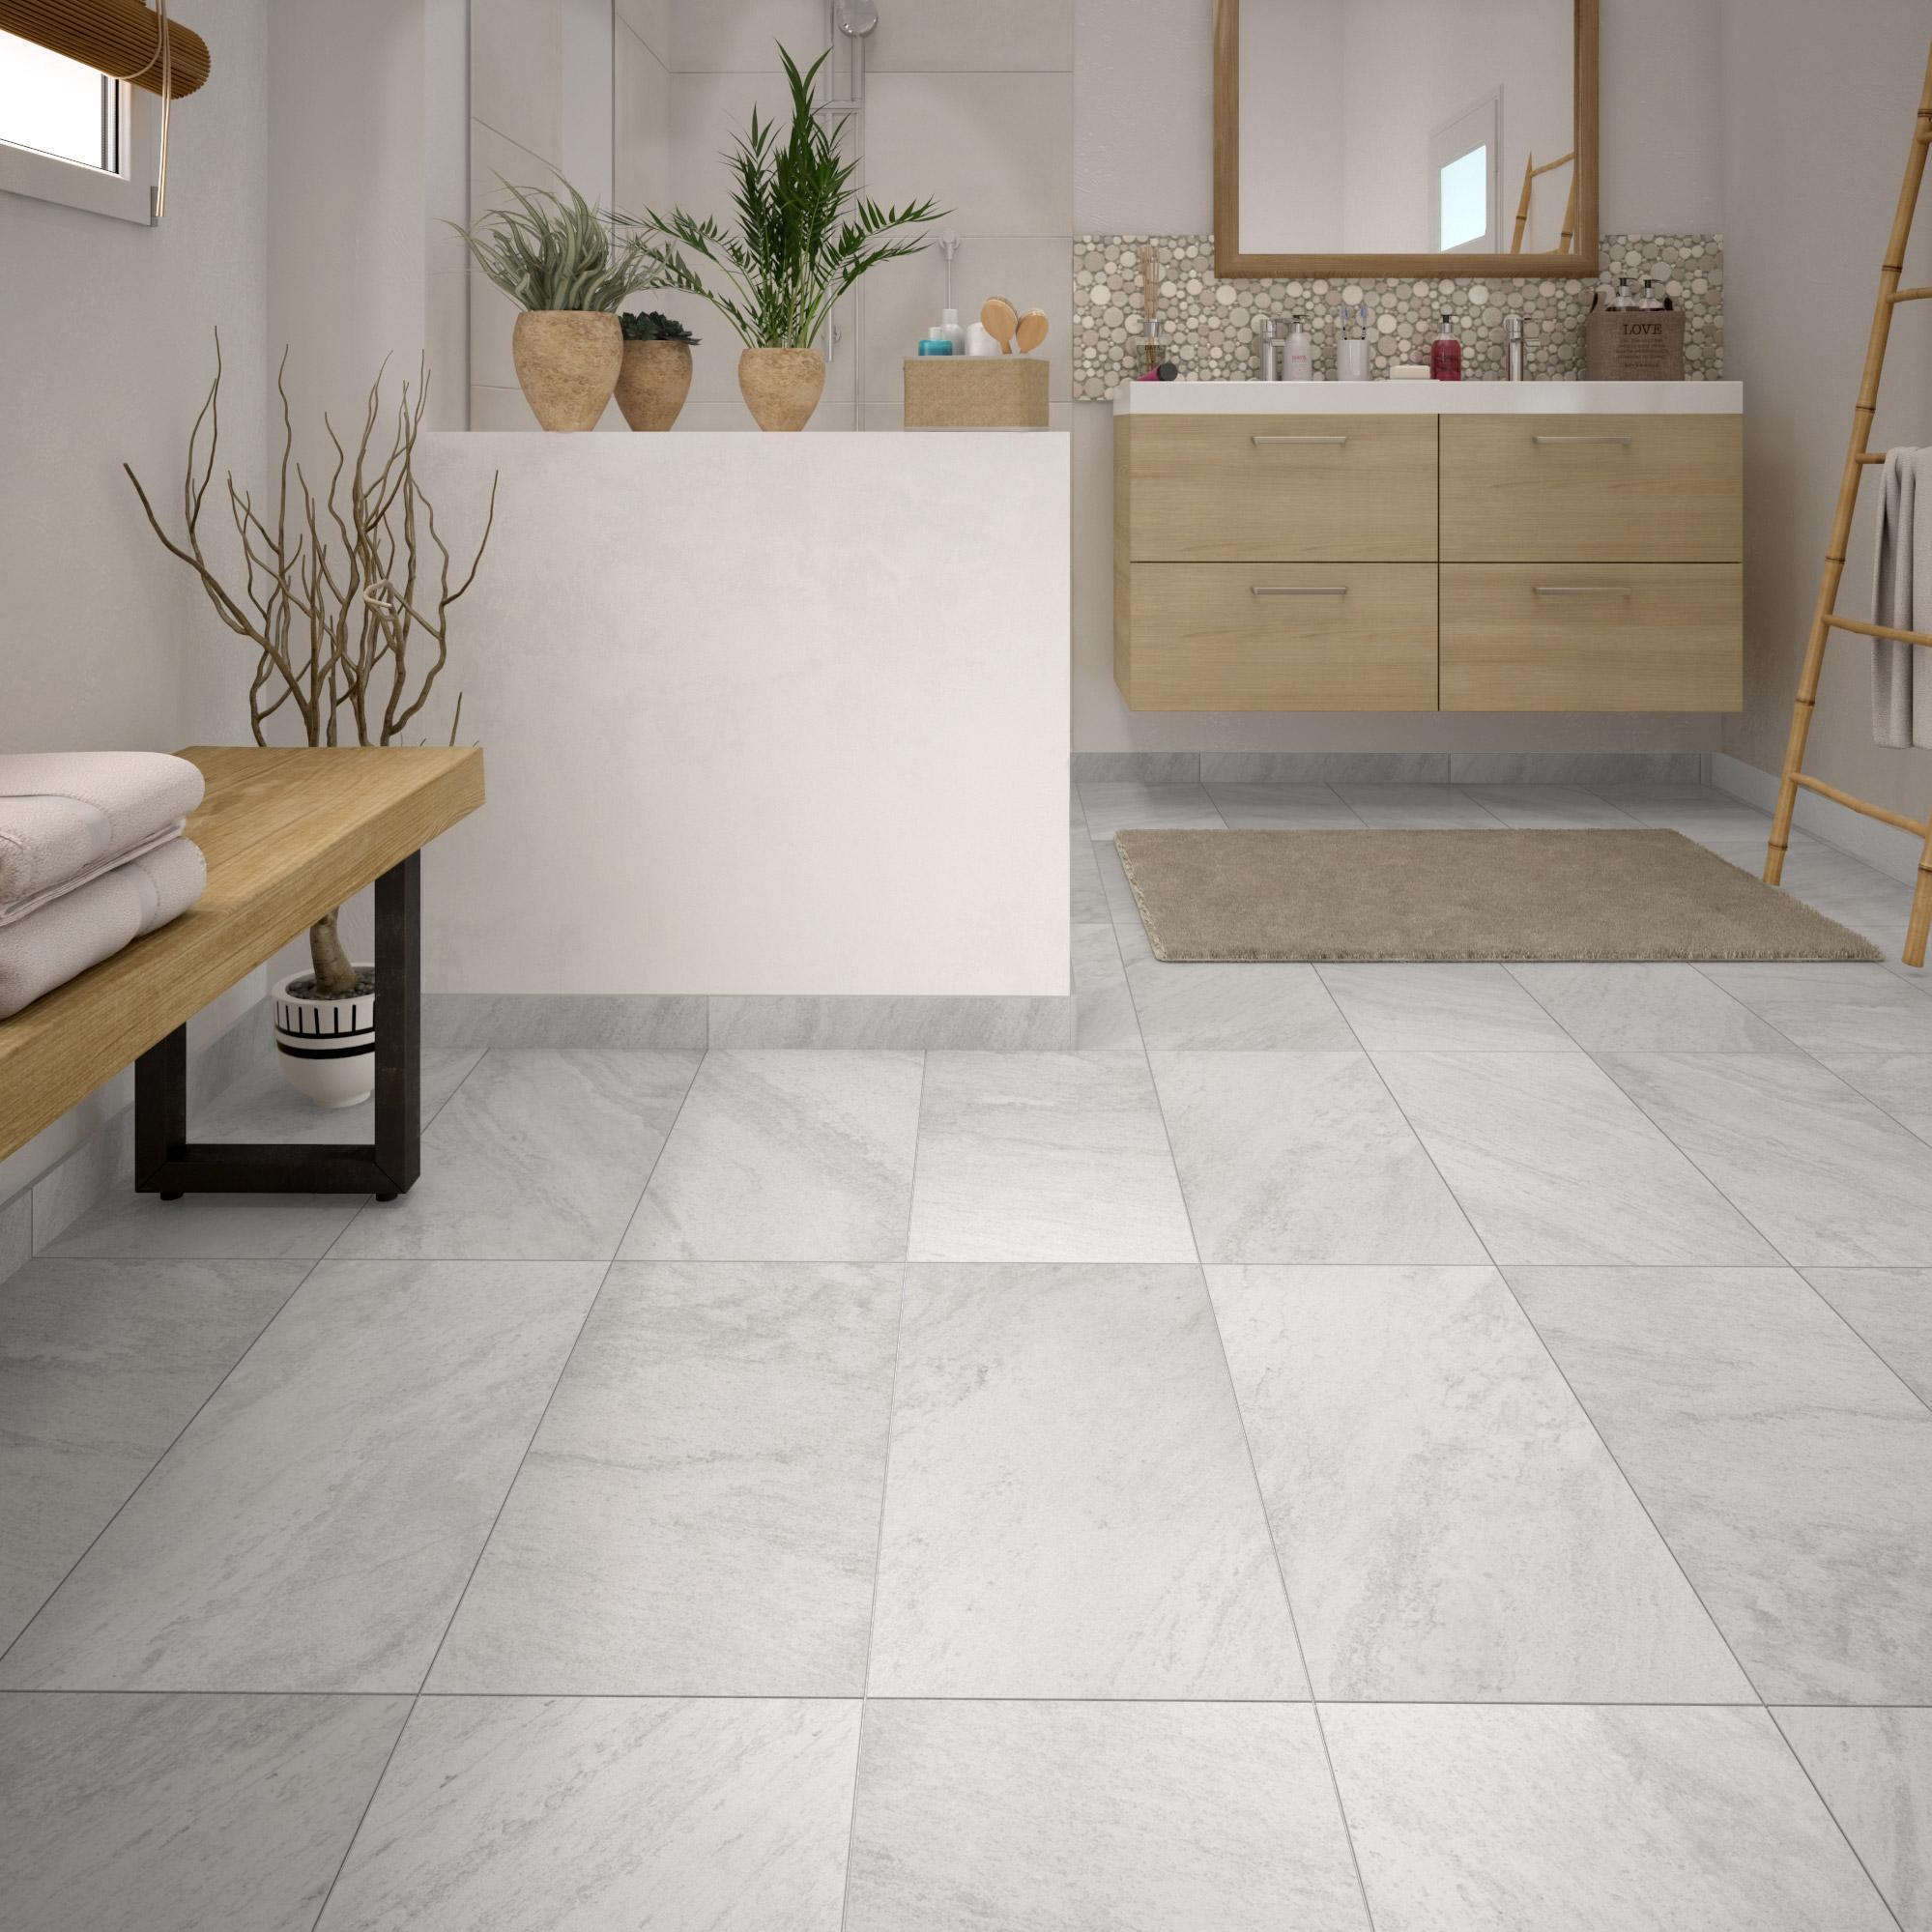 Comment Nettoyer Joint Blanc Carrelage Sol carrelage sol et mur intenso pierre blanc sicile l.30 x l.60 cm grand desir  - su